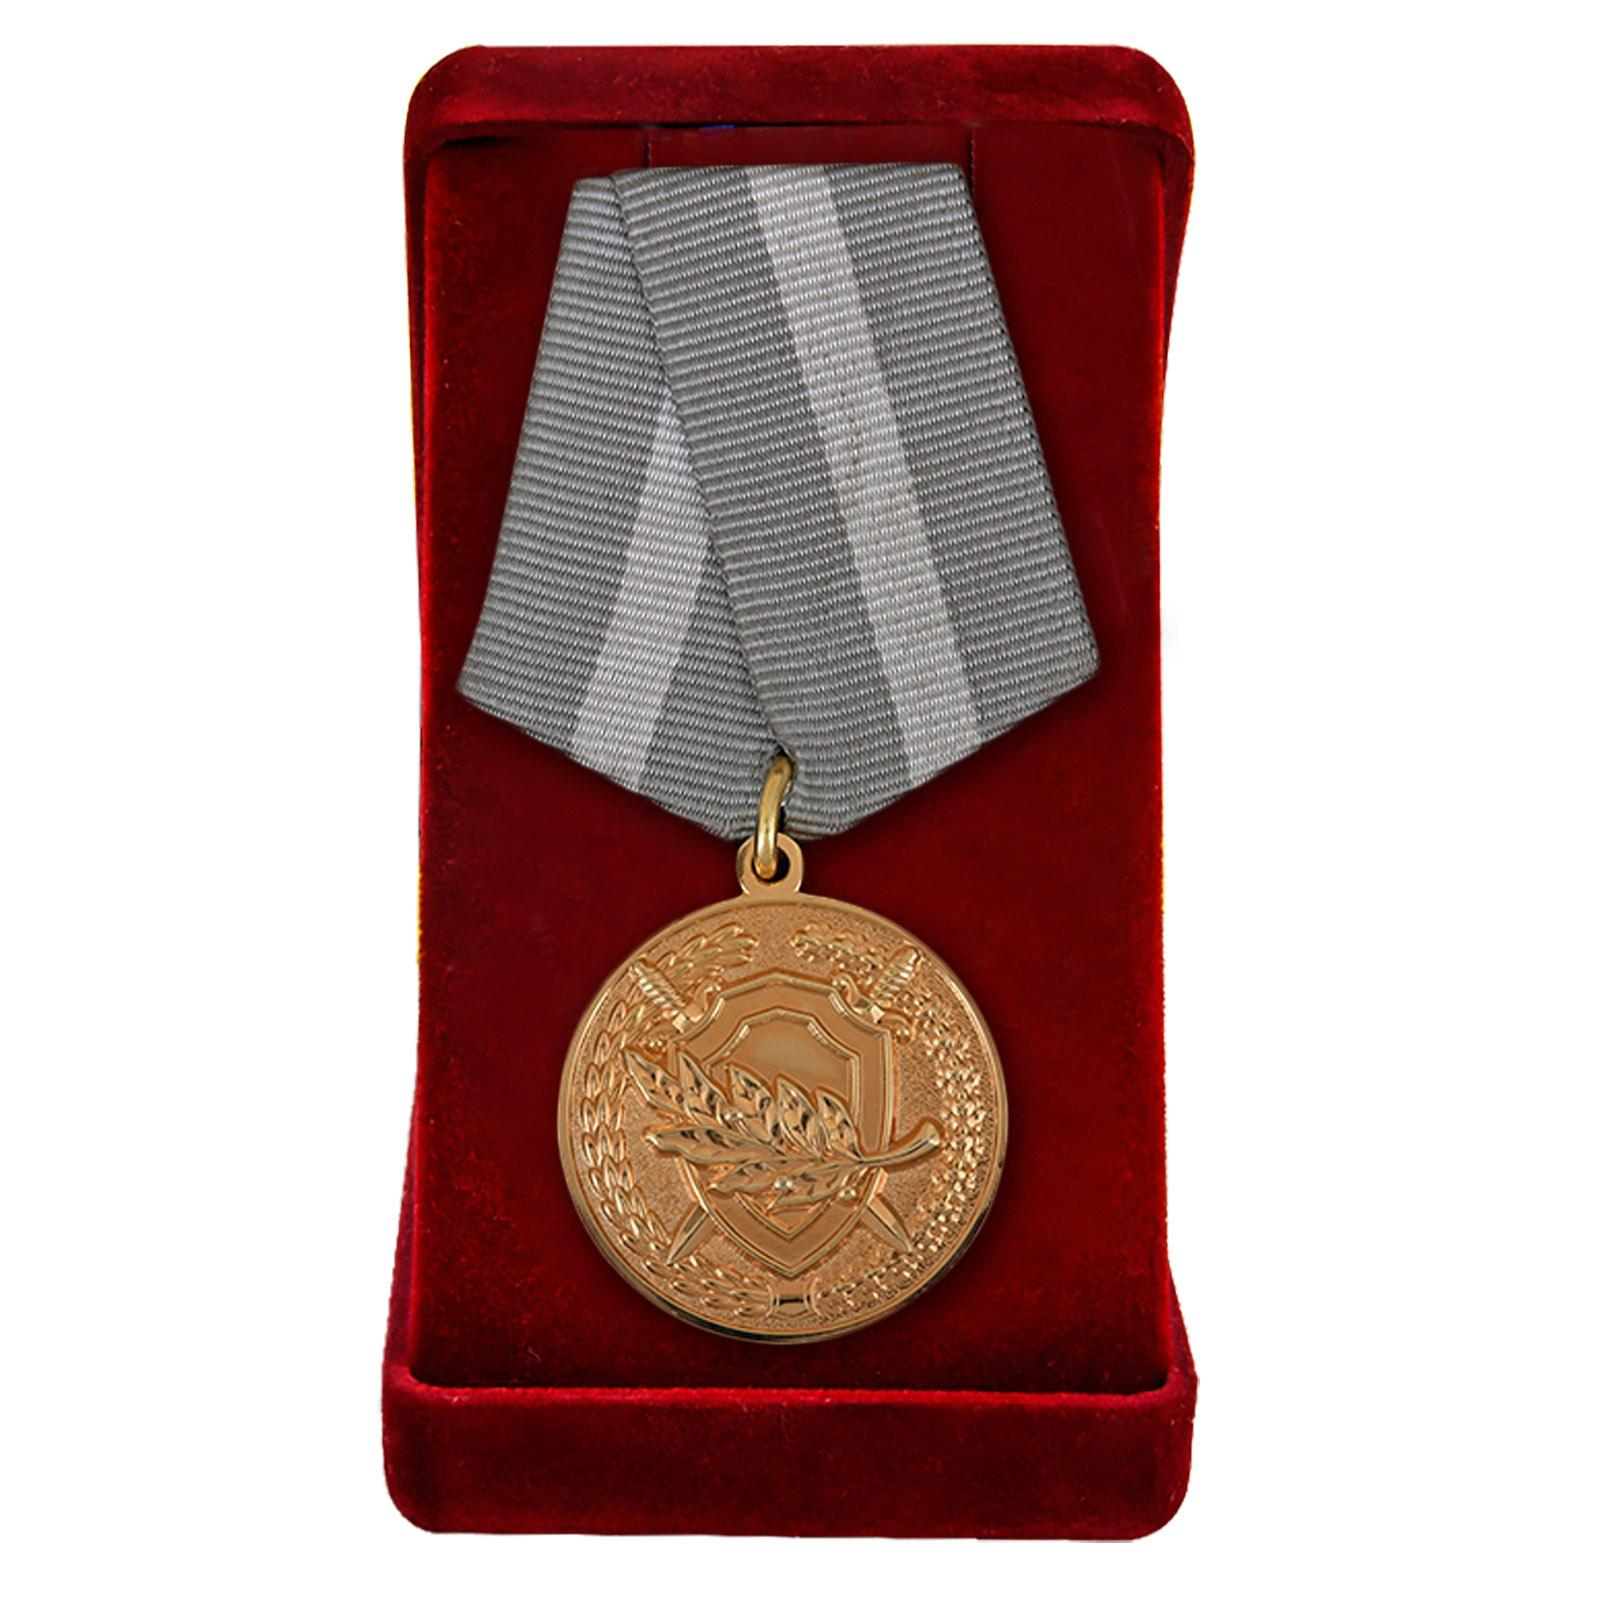 Купить медаль СК России За содействие онлайн с доставкой